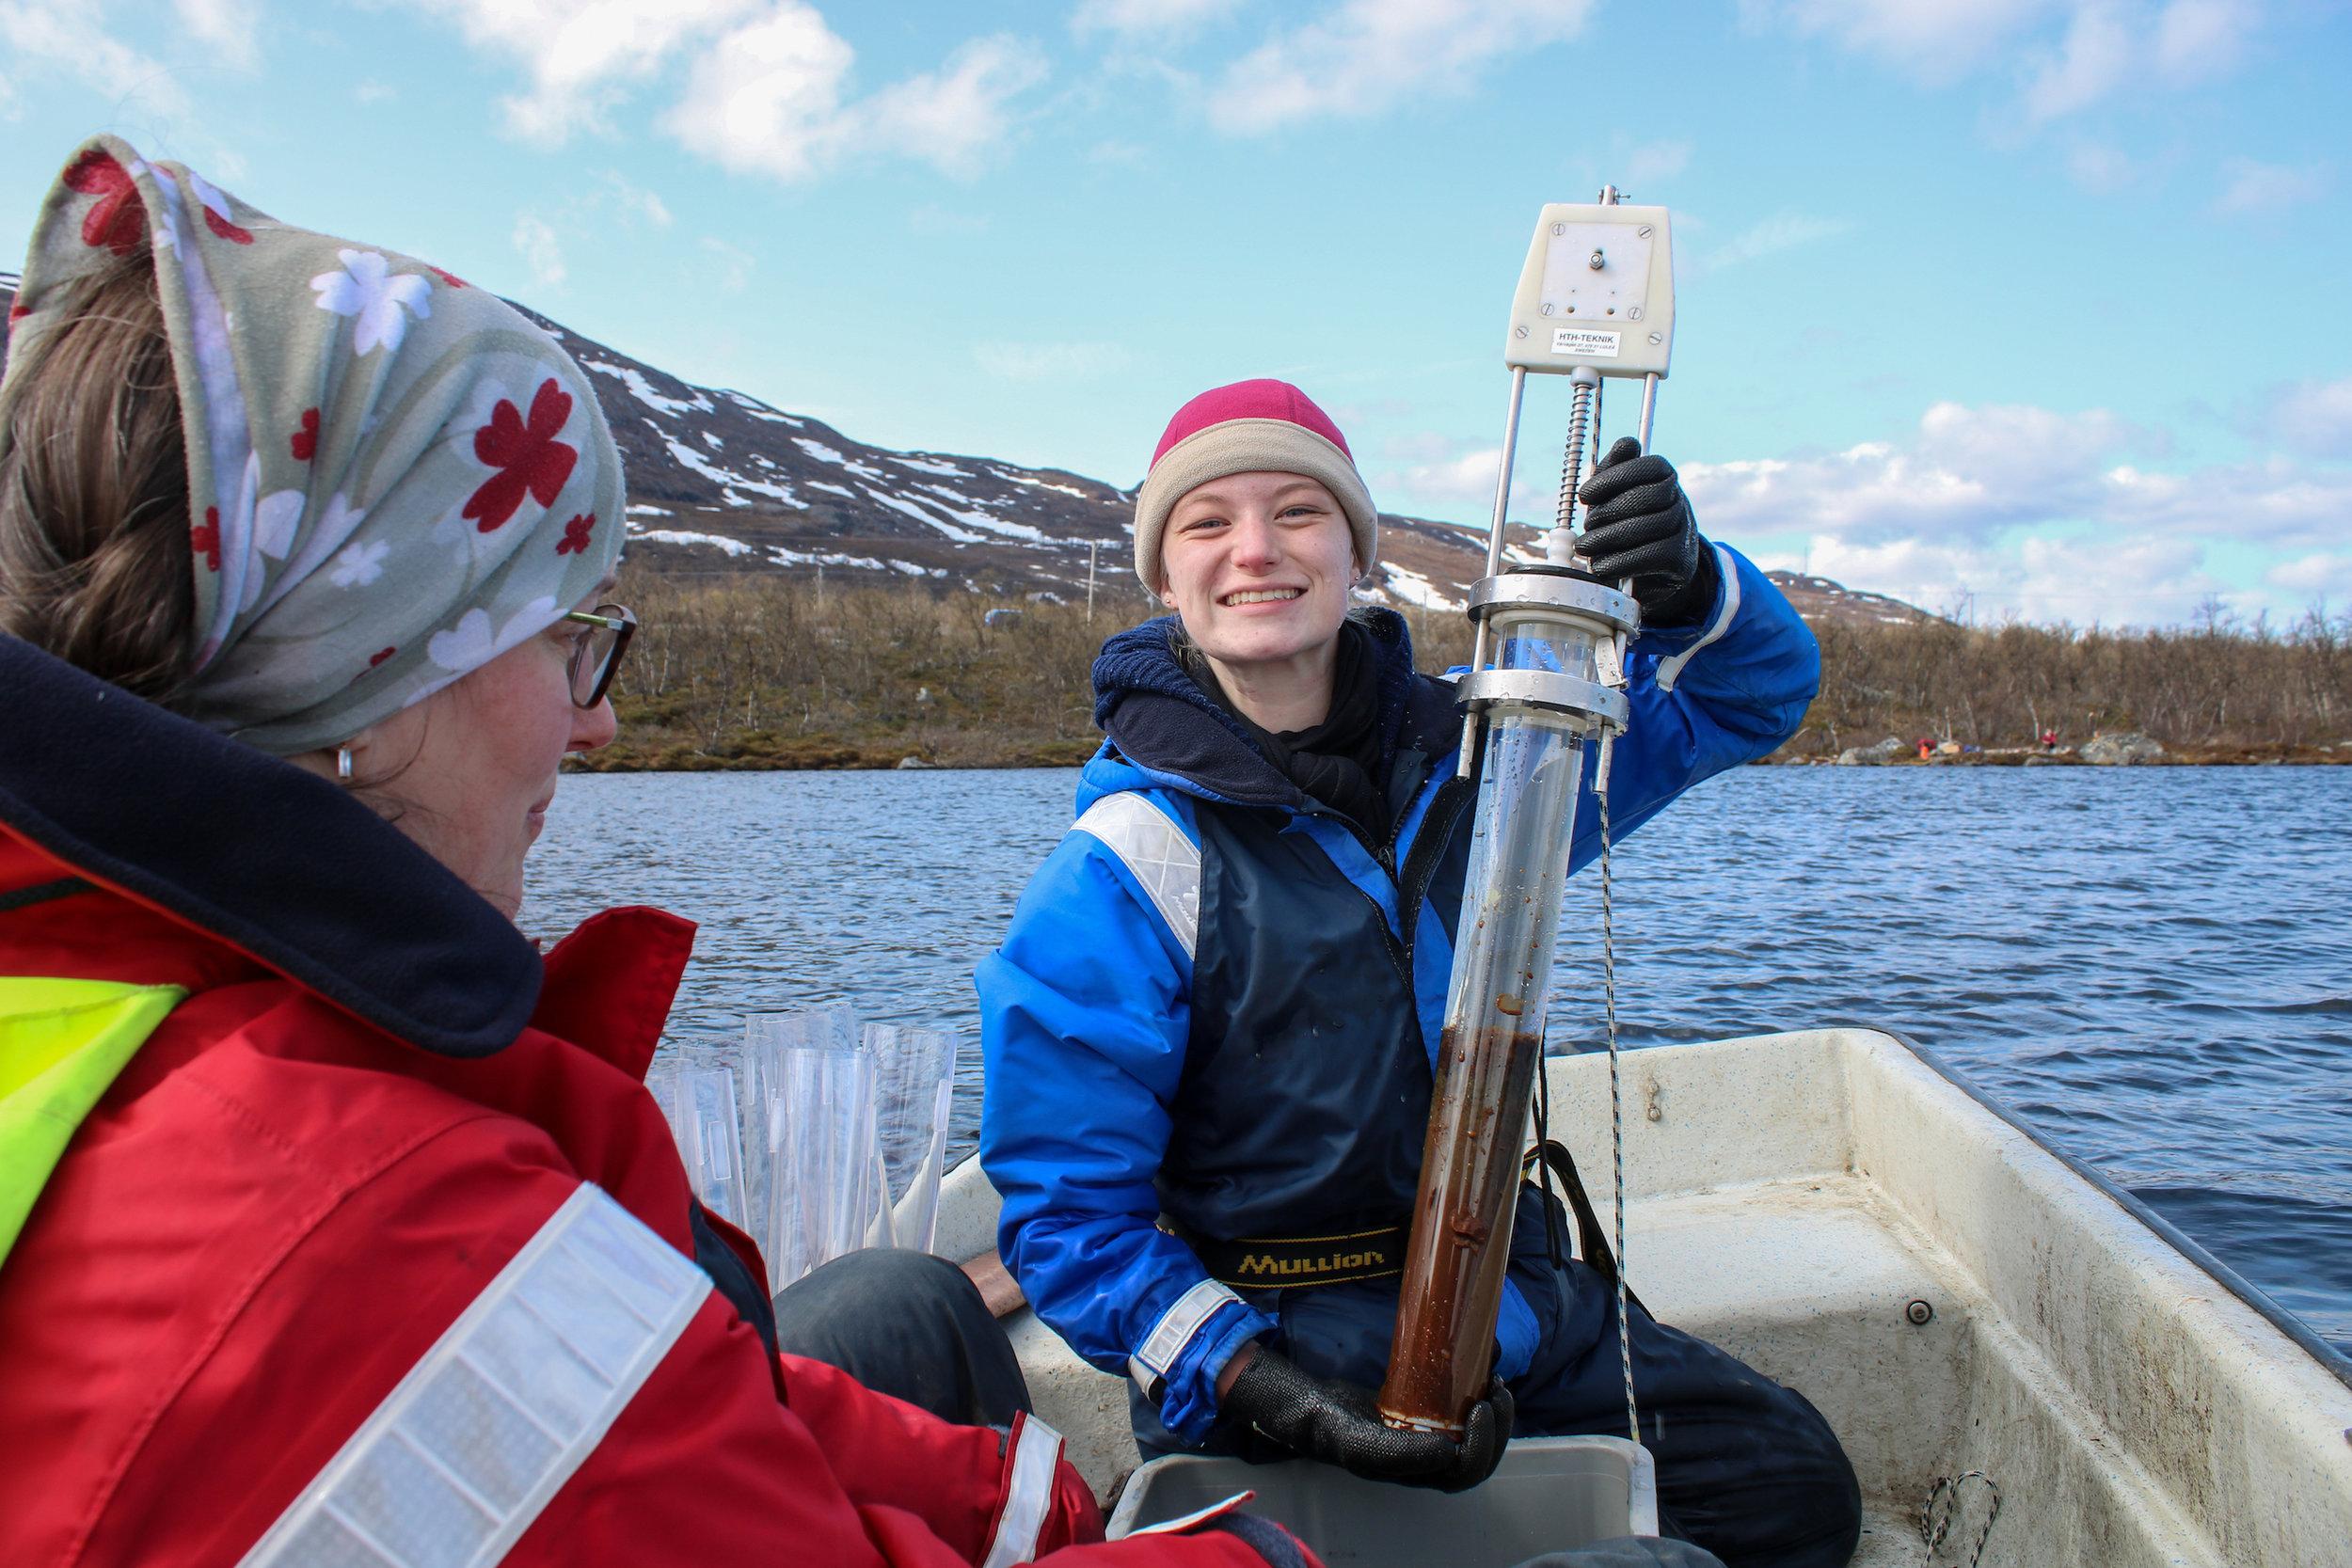 Hannah Beck and Jenny Ask Sediment Sampling Lake Almberga 03June19 Photo by Emma.jpg